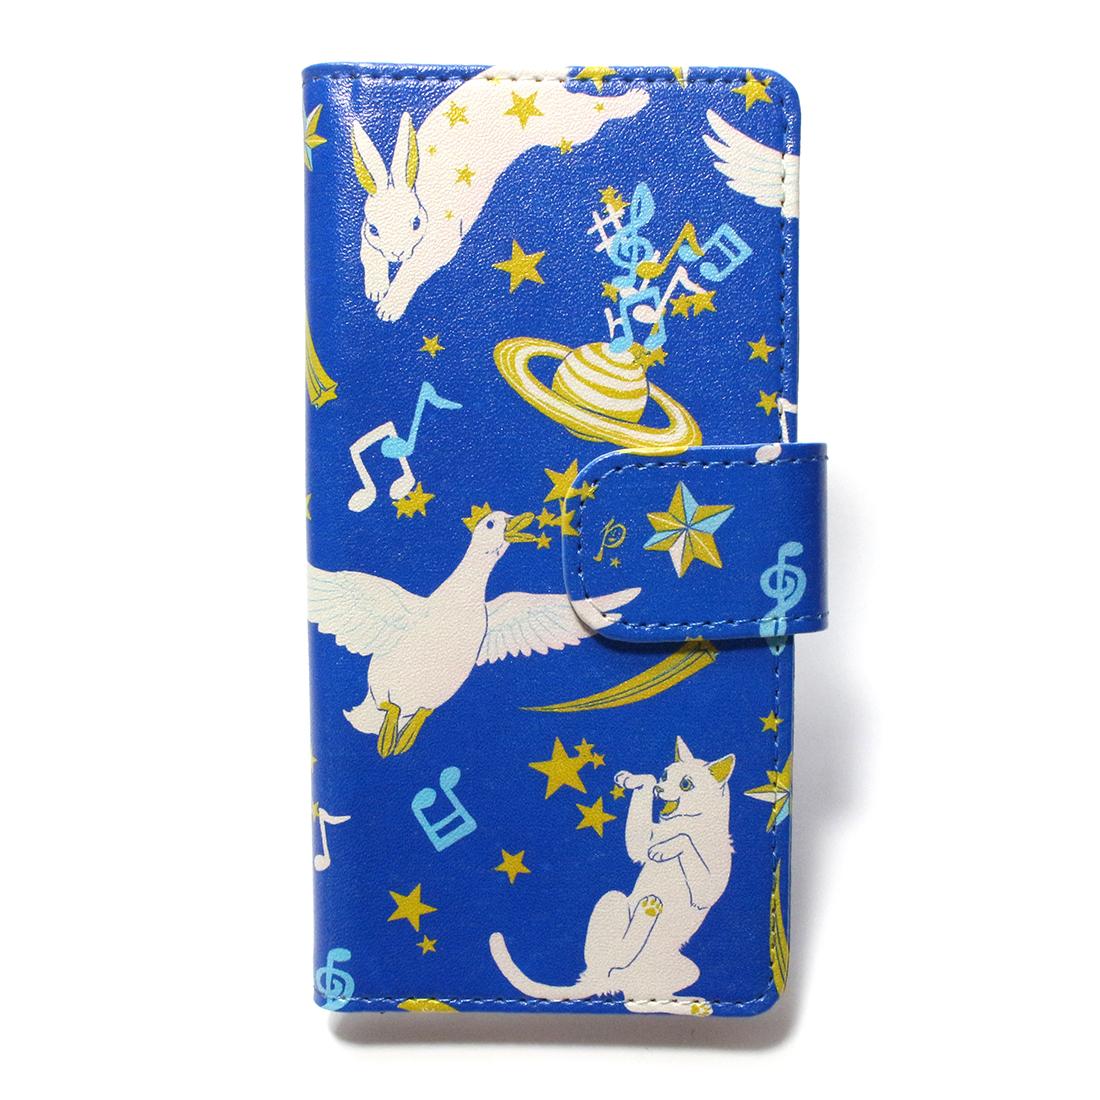 【9月誕生色モチーフ】動物ユニバース / スマートフォンケース(iPhone6,iPhone7,iPhone8兼用)